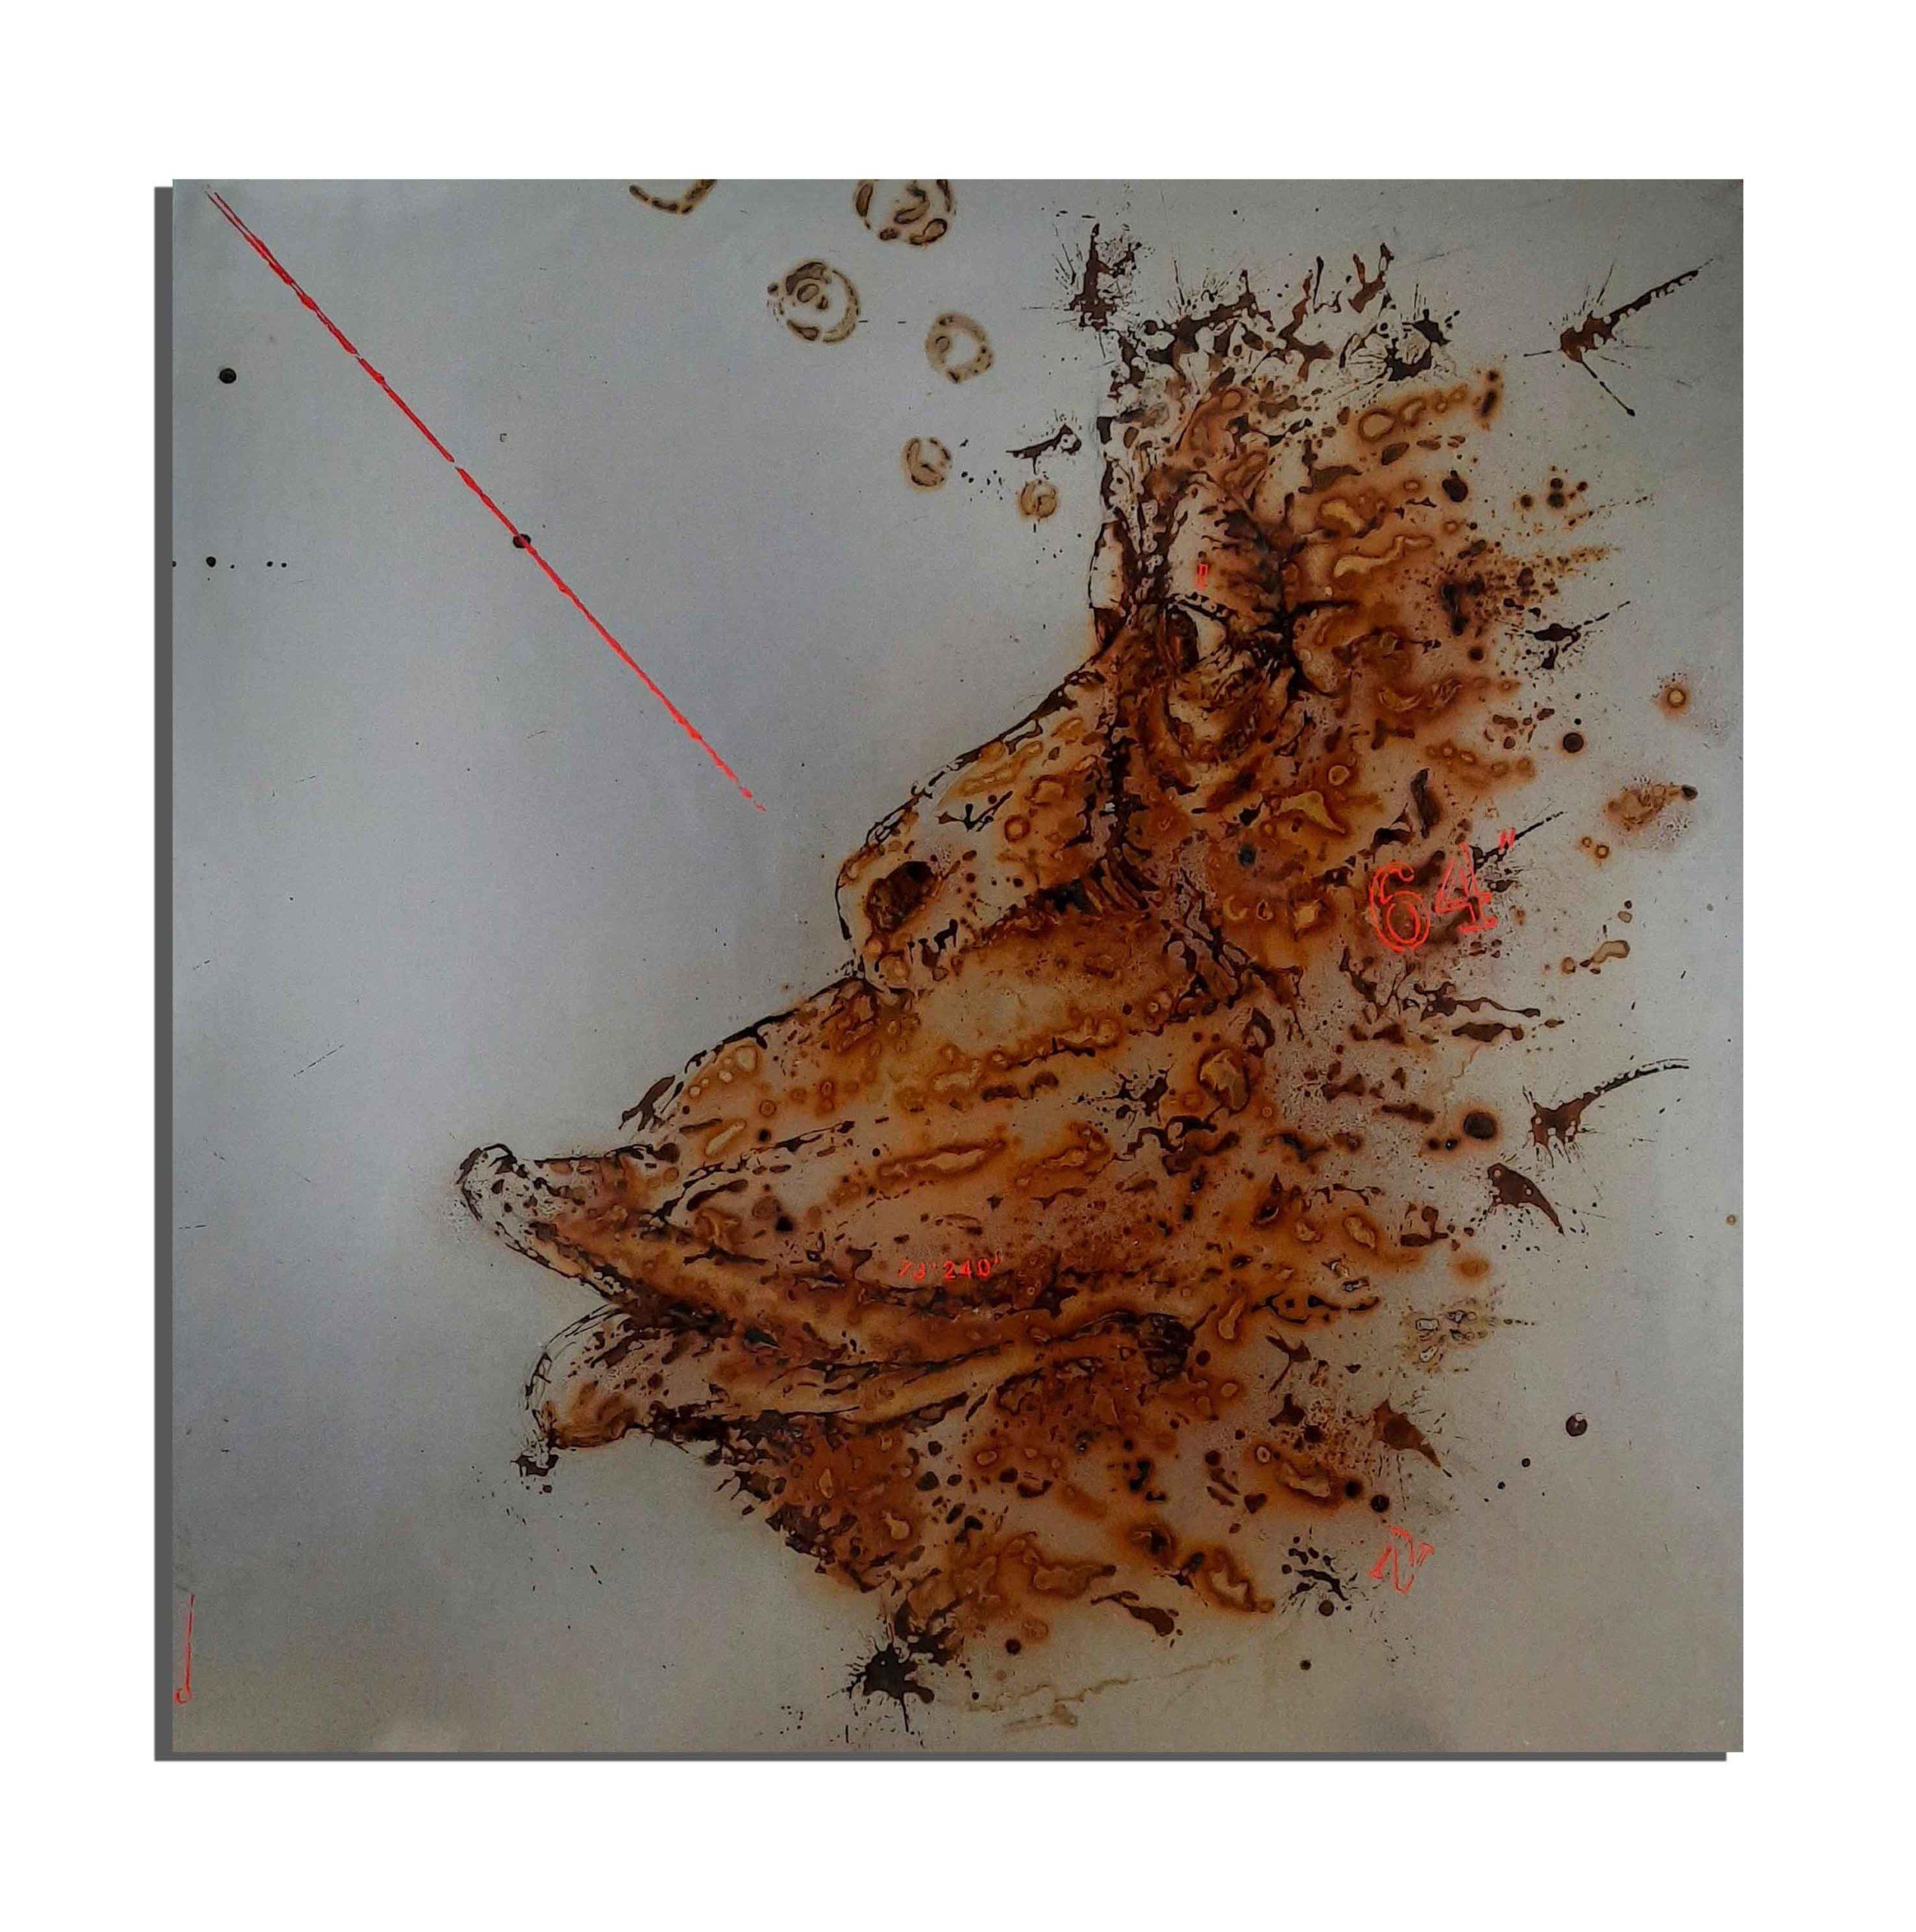 Chimpanzé de rouille fait avec du vinaigre et de l'eau de la plage de Pointe Noire (Congo) - projet Water Is Life, Christophe Monteil, Art 4 Nature